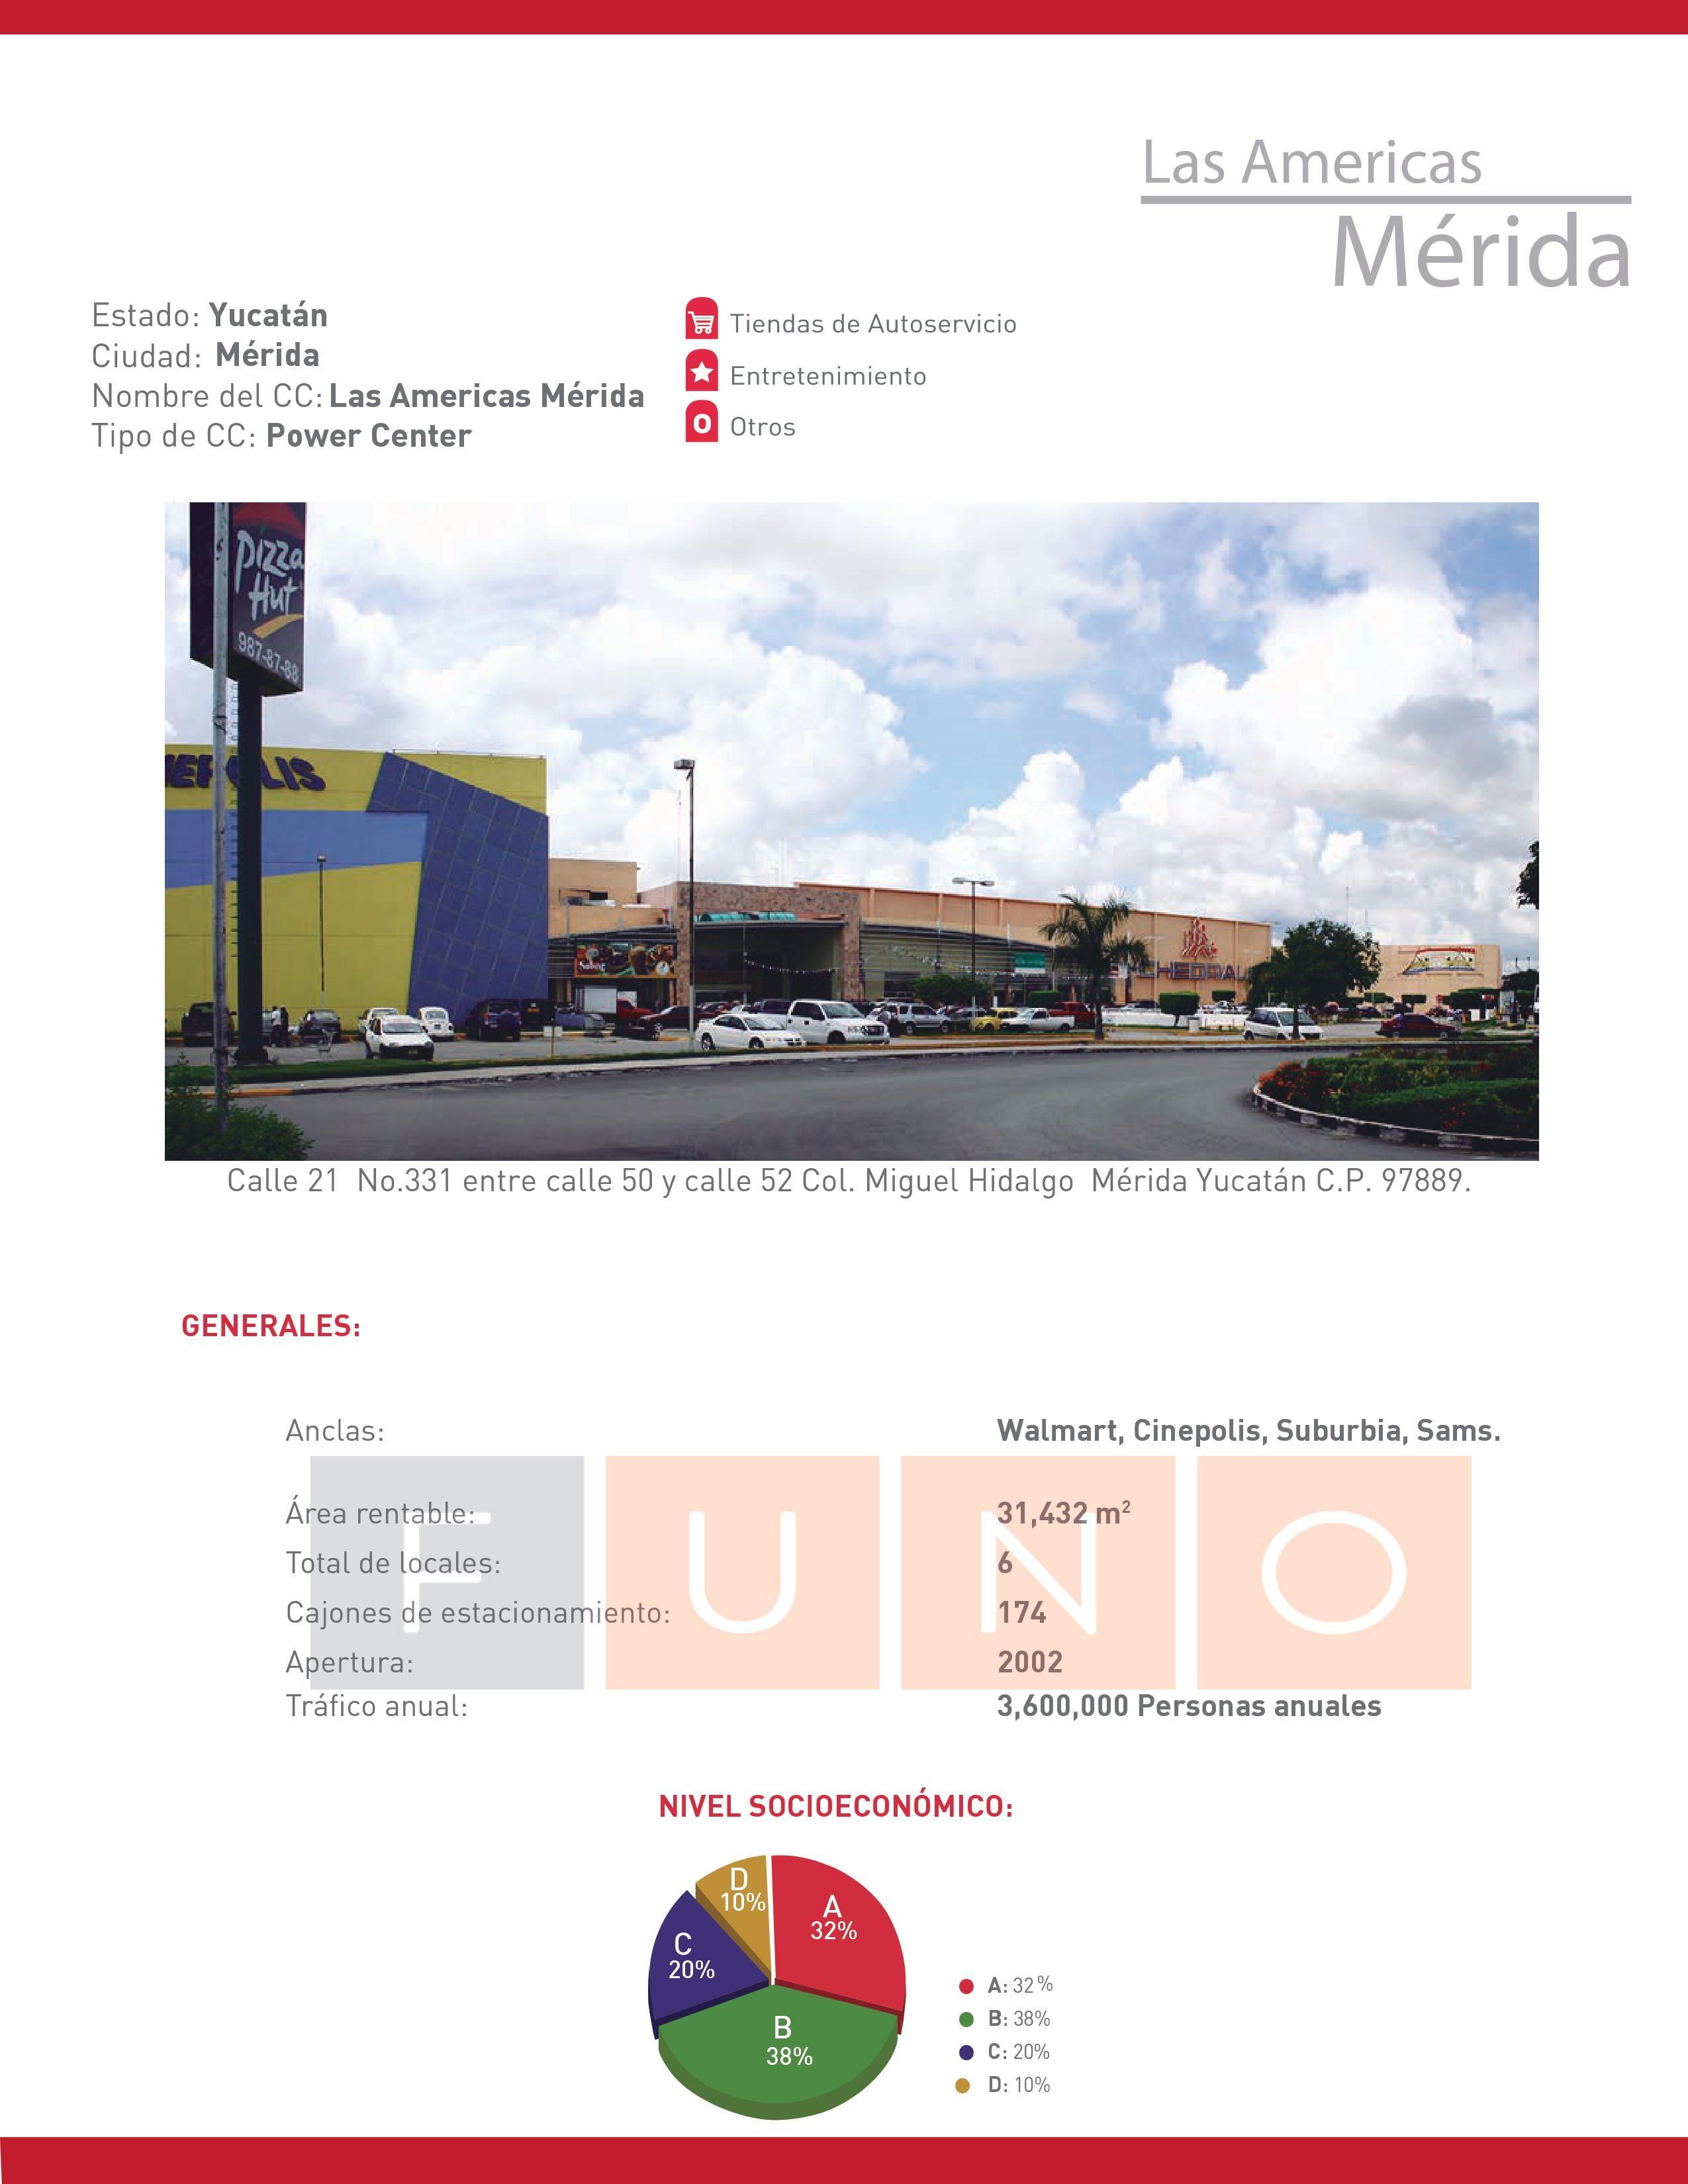 Co-Brochure Las Americas Mérida (1)